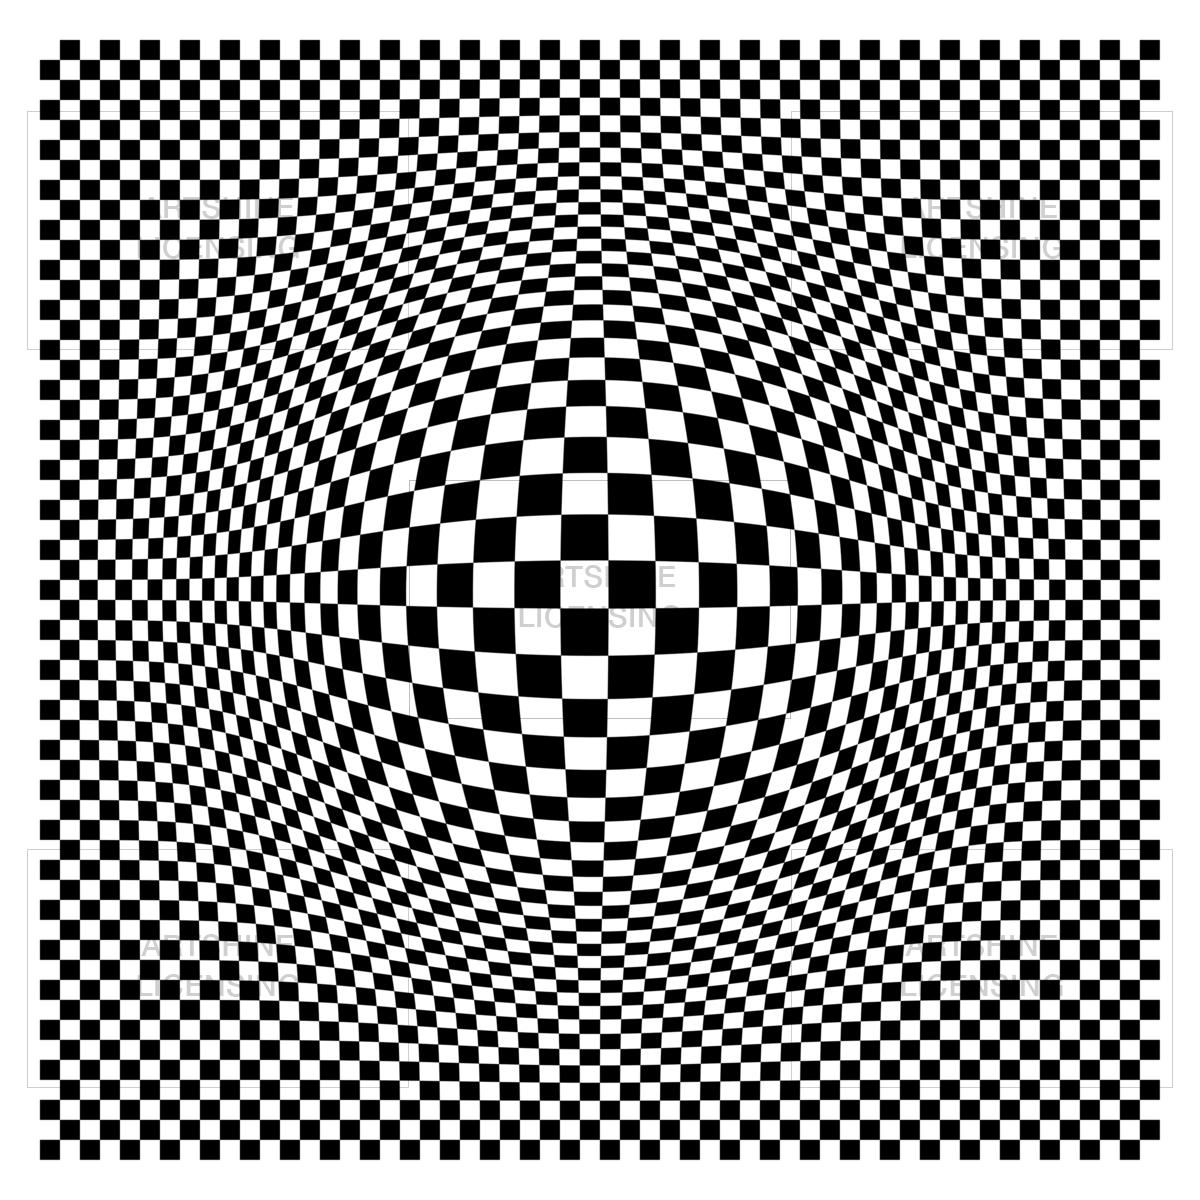 Optical art_16_JC